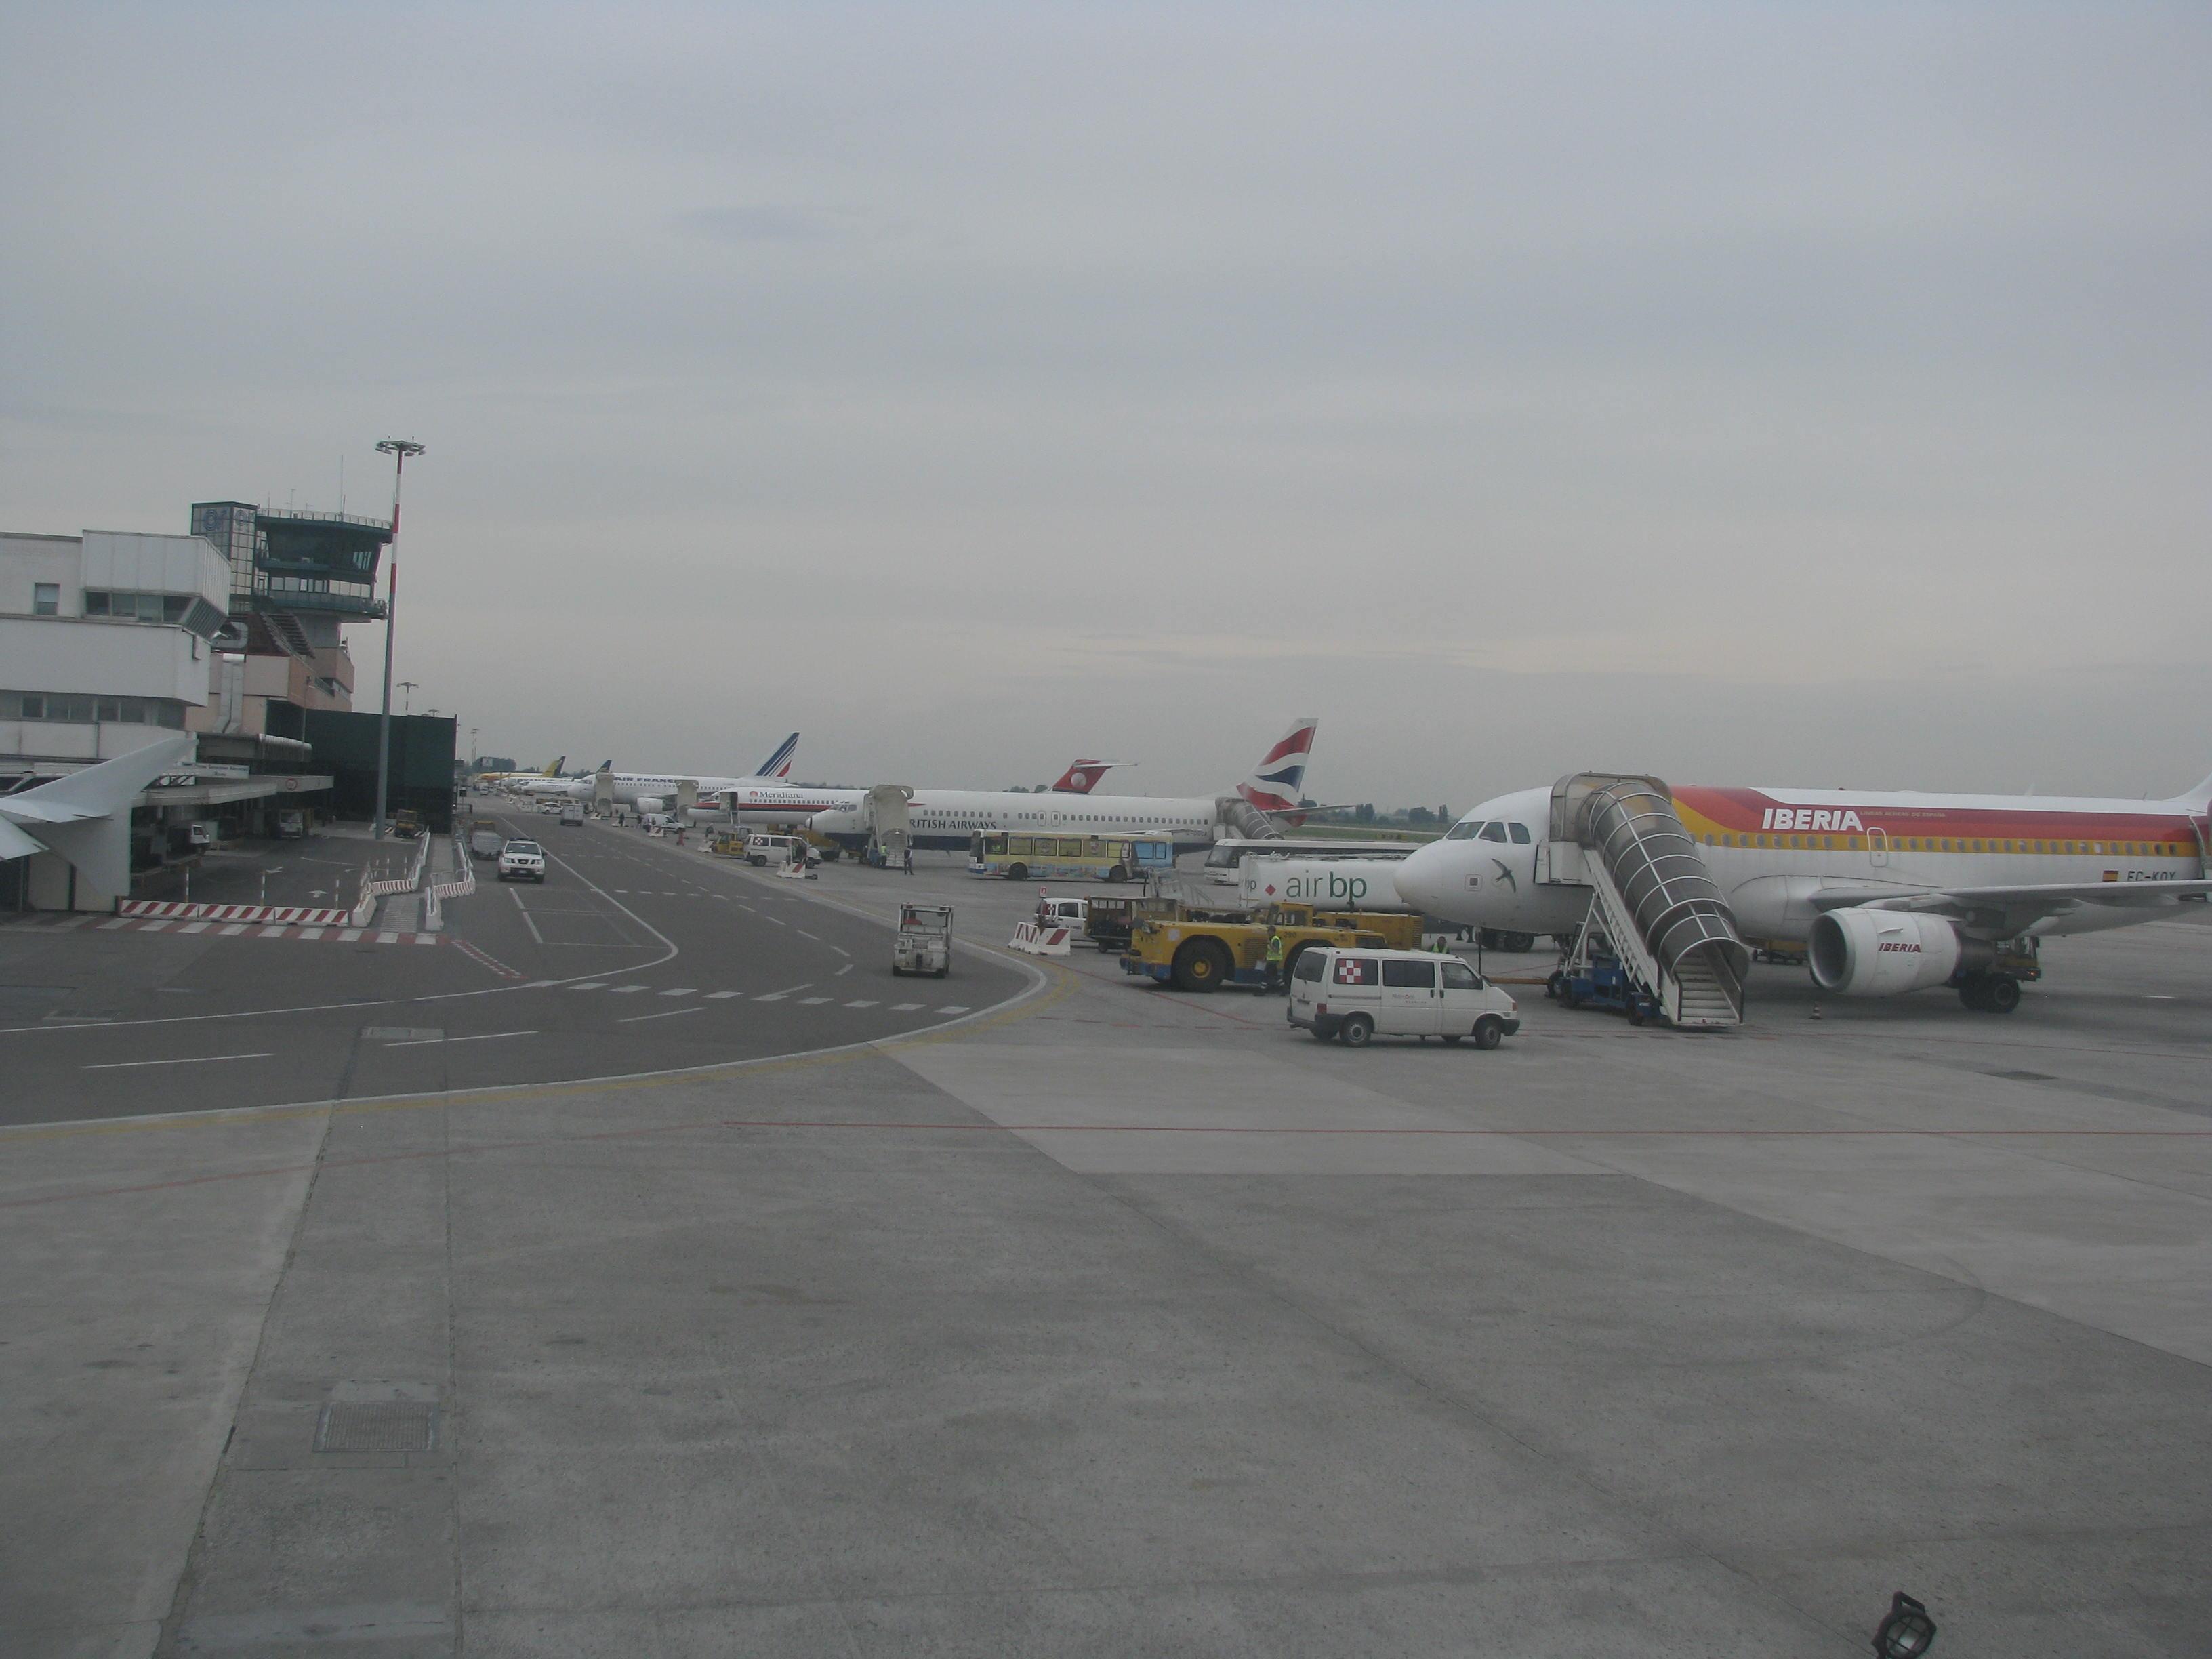 Aeroporto Guglielmo Marconi : Aeroporto bologna